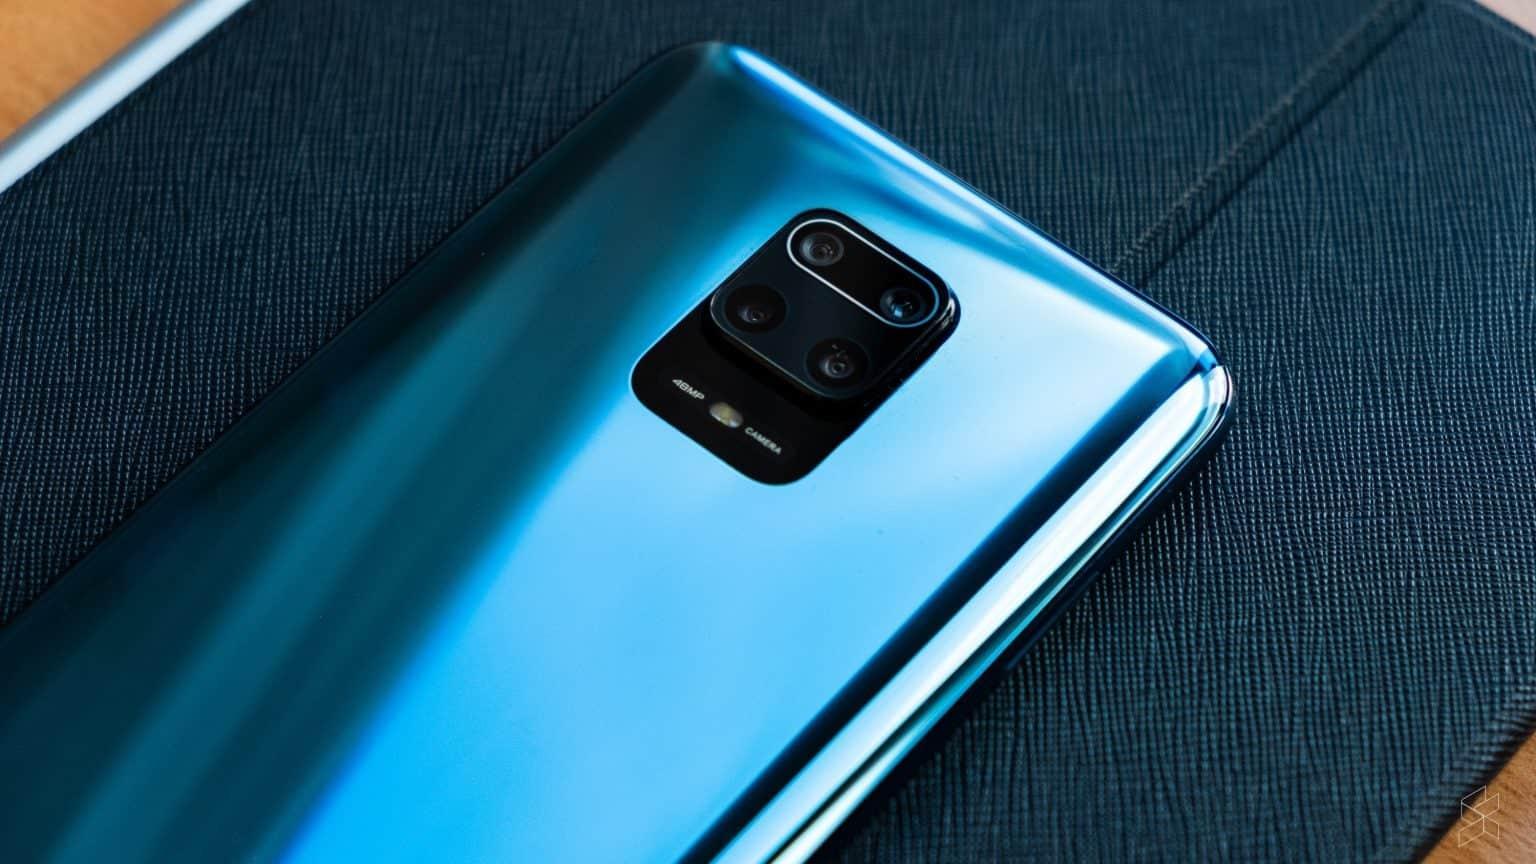 Redmi выпустит смартфон с большой батареей на 6000 мАч (ezgif.com webp to jpg 10 1536x864 1)